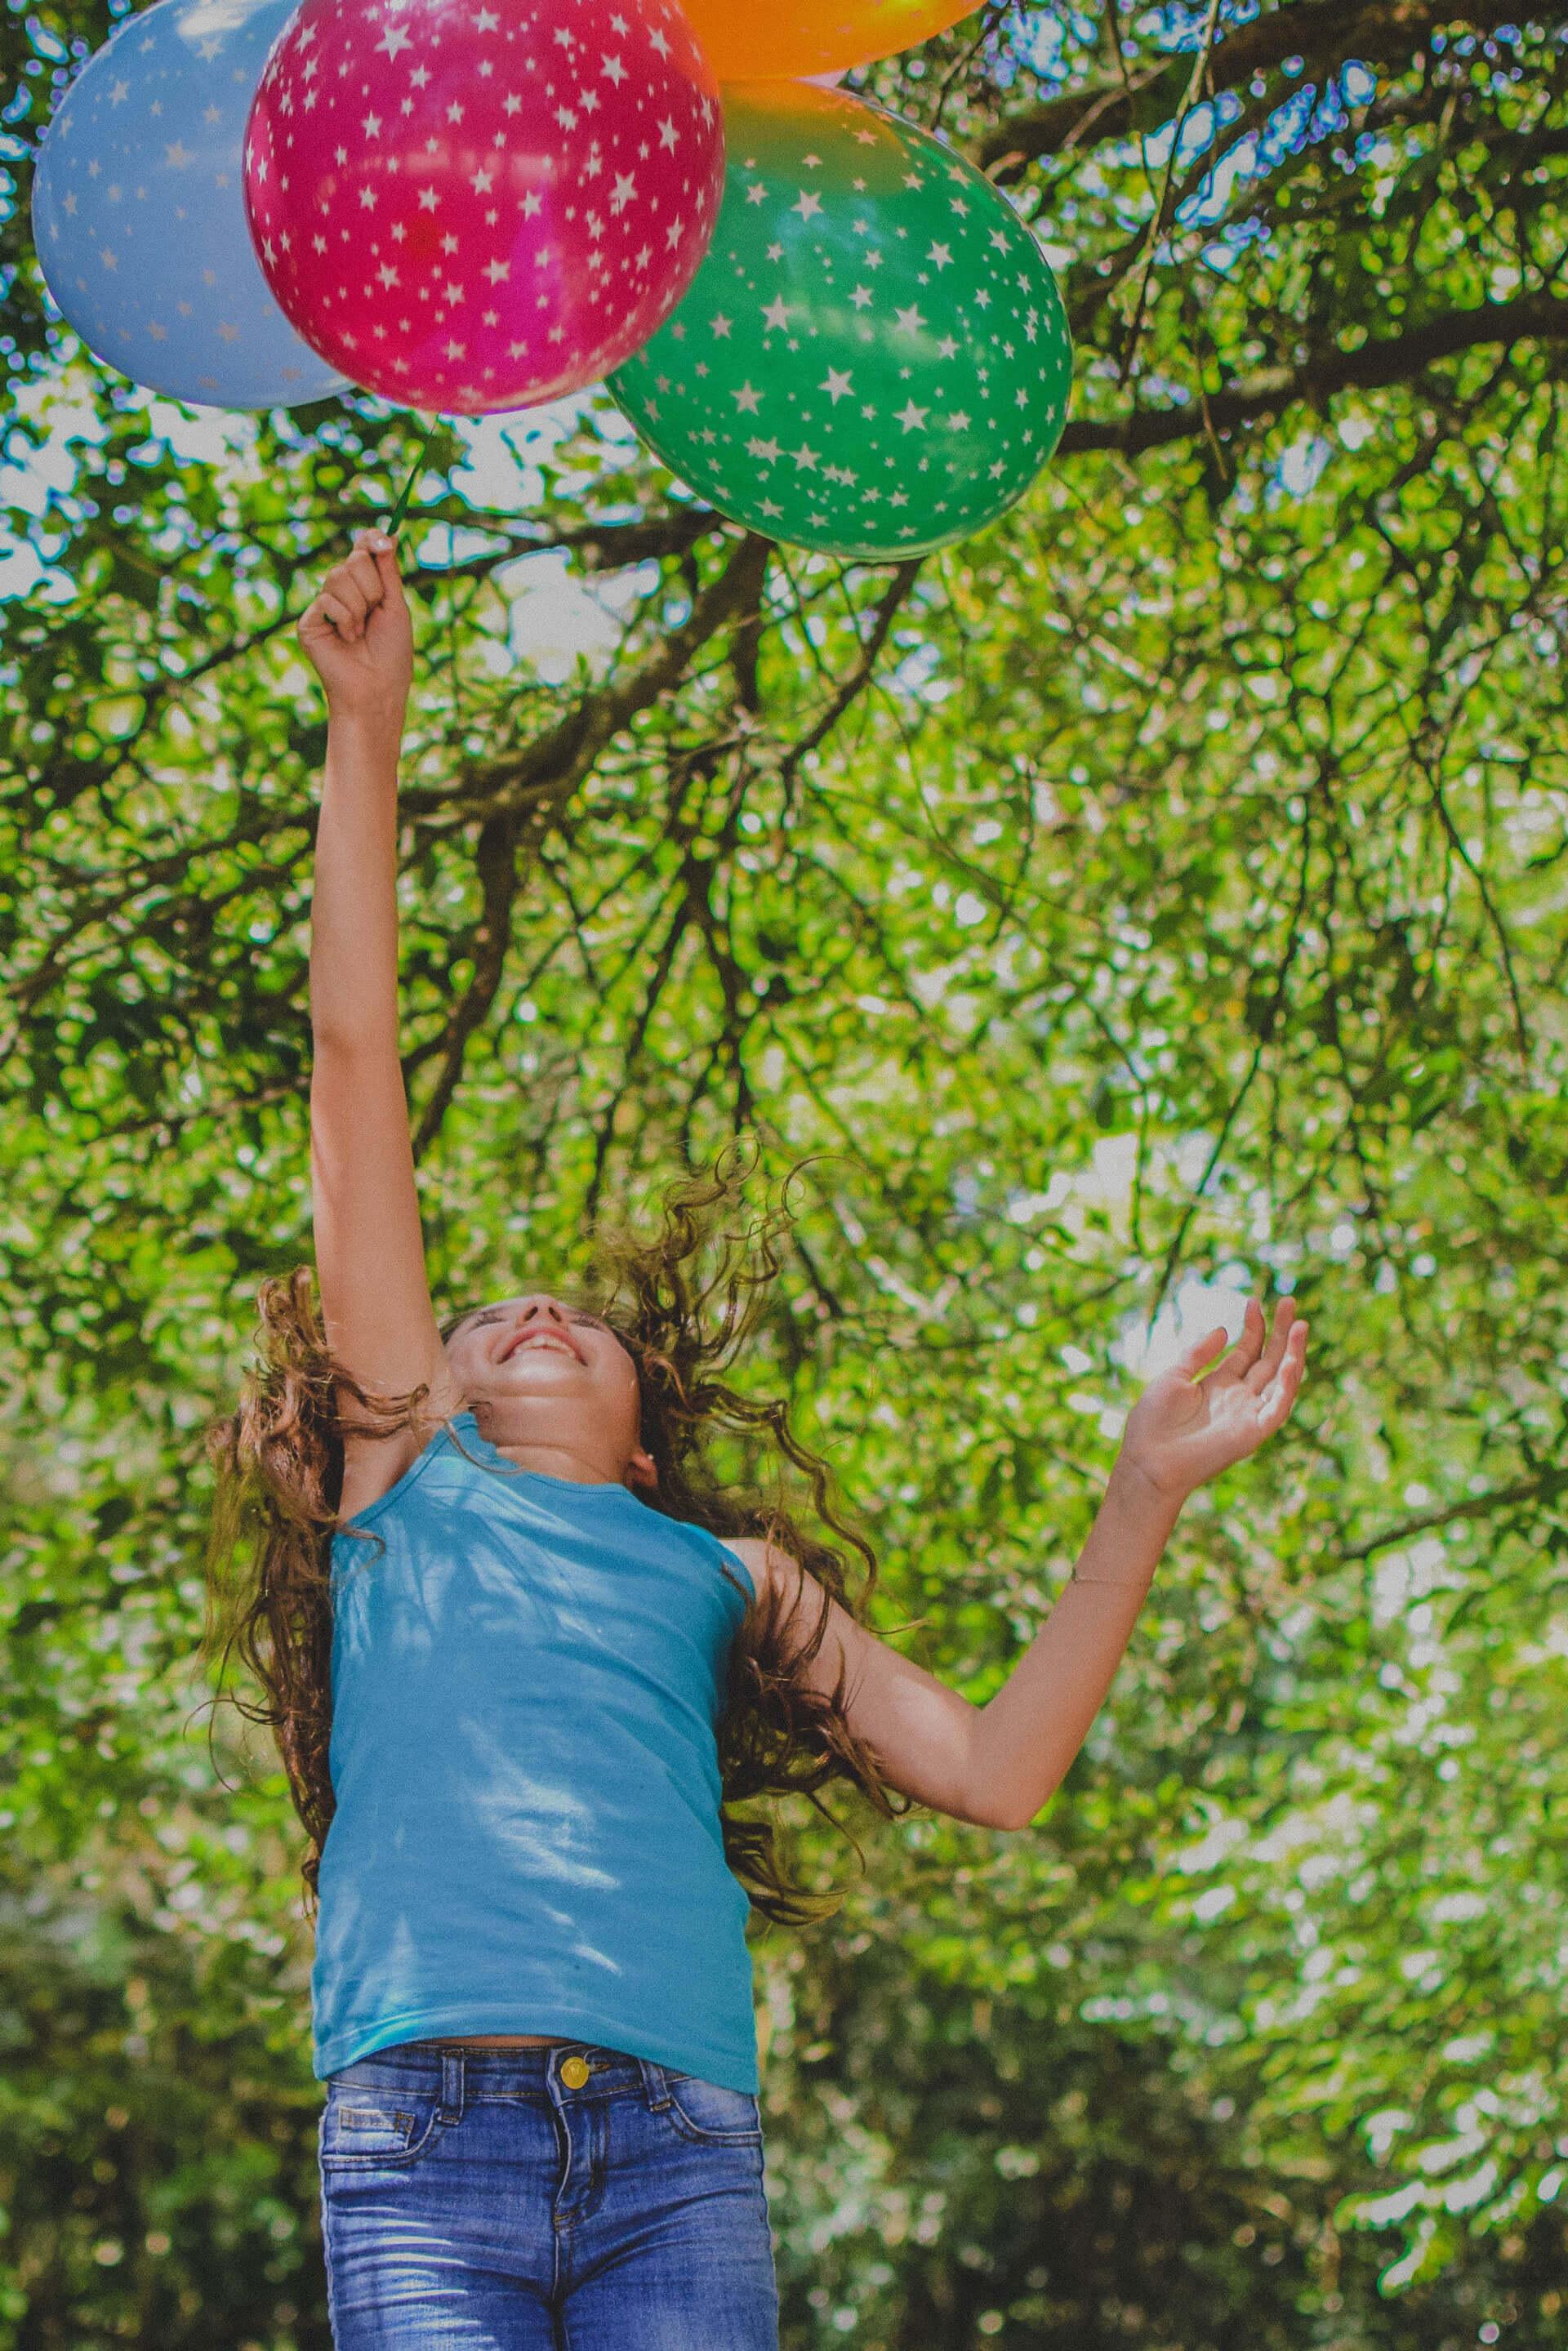 P.A.SCH. - unsere Berufung - Kinder und Jugendliche erfahren bei uns vielfältige Möglichkeiten, sich in ihrem weiteren Leben sicher und geborgen fühlen zu können. Oft zum ersten Mal in ihrem noch jungen Leben. Unser professionelles Selbstverständnis trifft auf unsere ganz persönliche Haltung. Jedes Kind hat einen Anspruch auf ein sicheres, liebevolles und wertschätzendes Zuhause. Bei P.A.SCH. können erlebte Traumata heilen und die Kinder und Jugendlichen können Kraft sammeln und zur Ruhe kommen. Gemeinsam entdecken wir Wege und Möglichkeiten, sie auf IHRE Art des selbständigen, selbstbestimmten Lebens vorzubereiten. Individuell, nah am Kind, klar in unserer Verantwortung als Erwachsene dem Kind gegenüber.